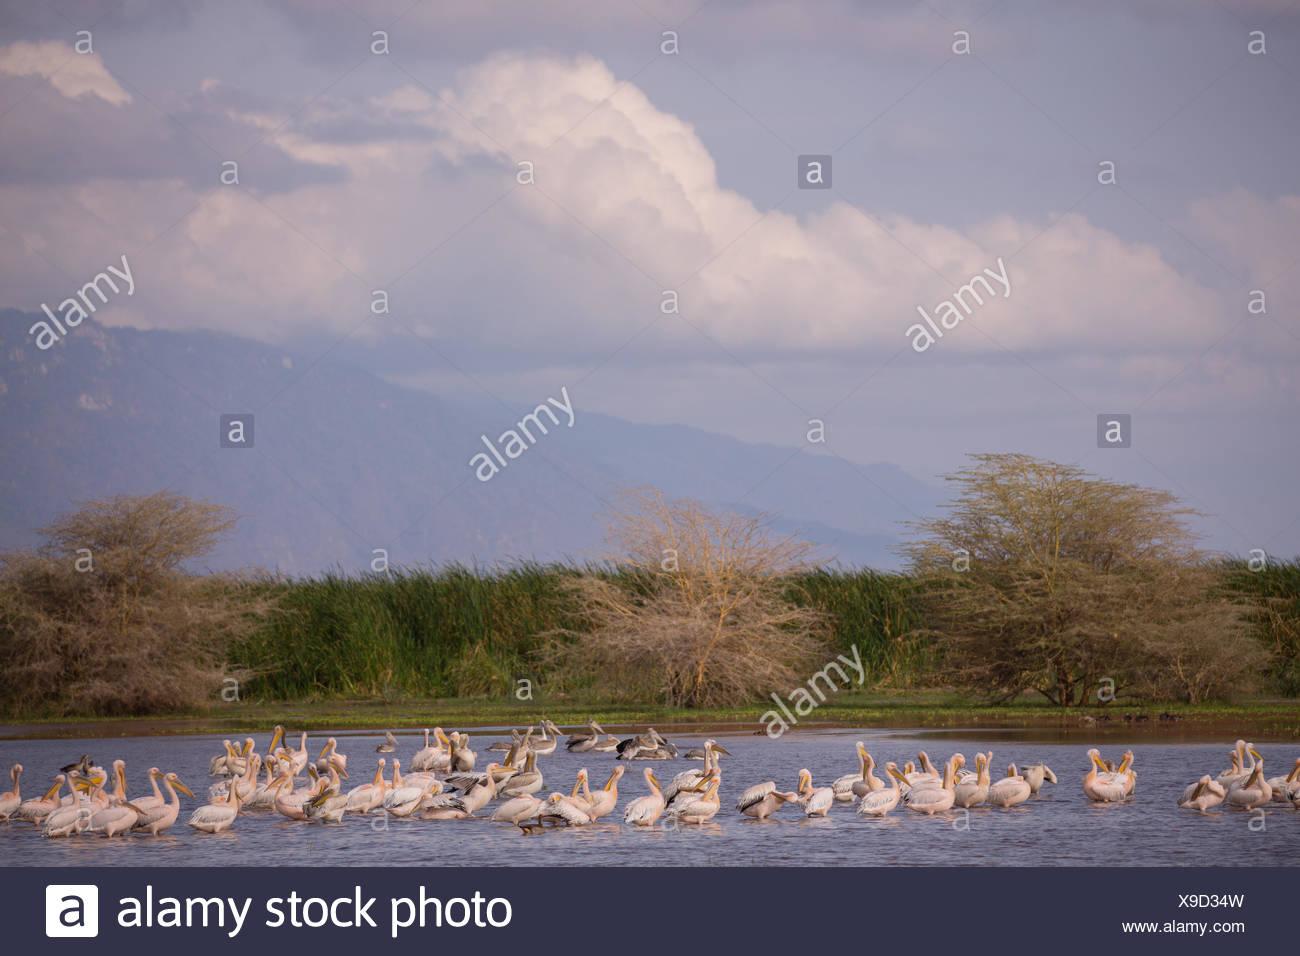 Flamingos on a lake in Lake Manyara National Park. - Stock Image